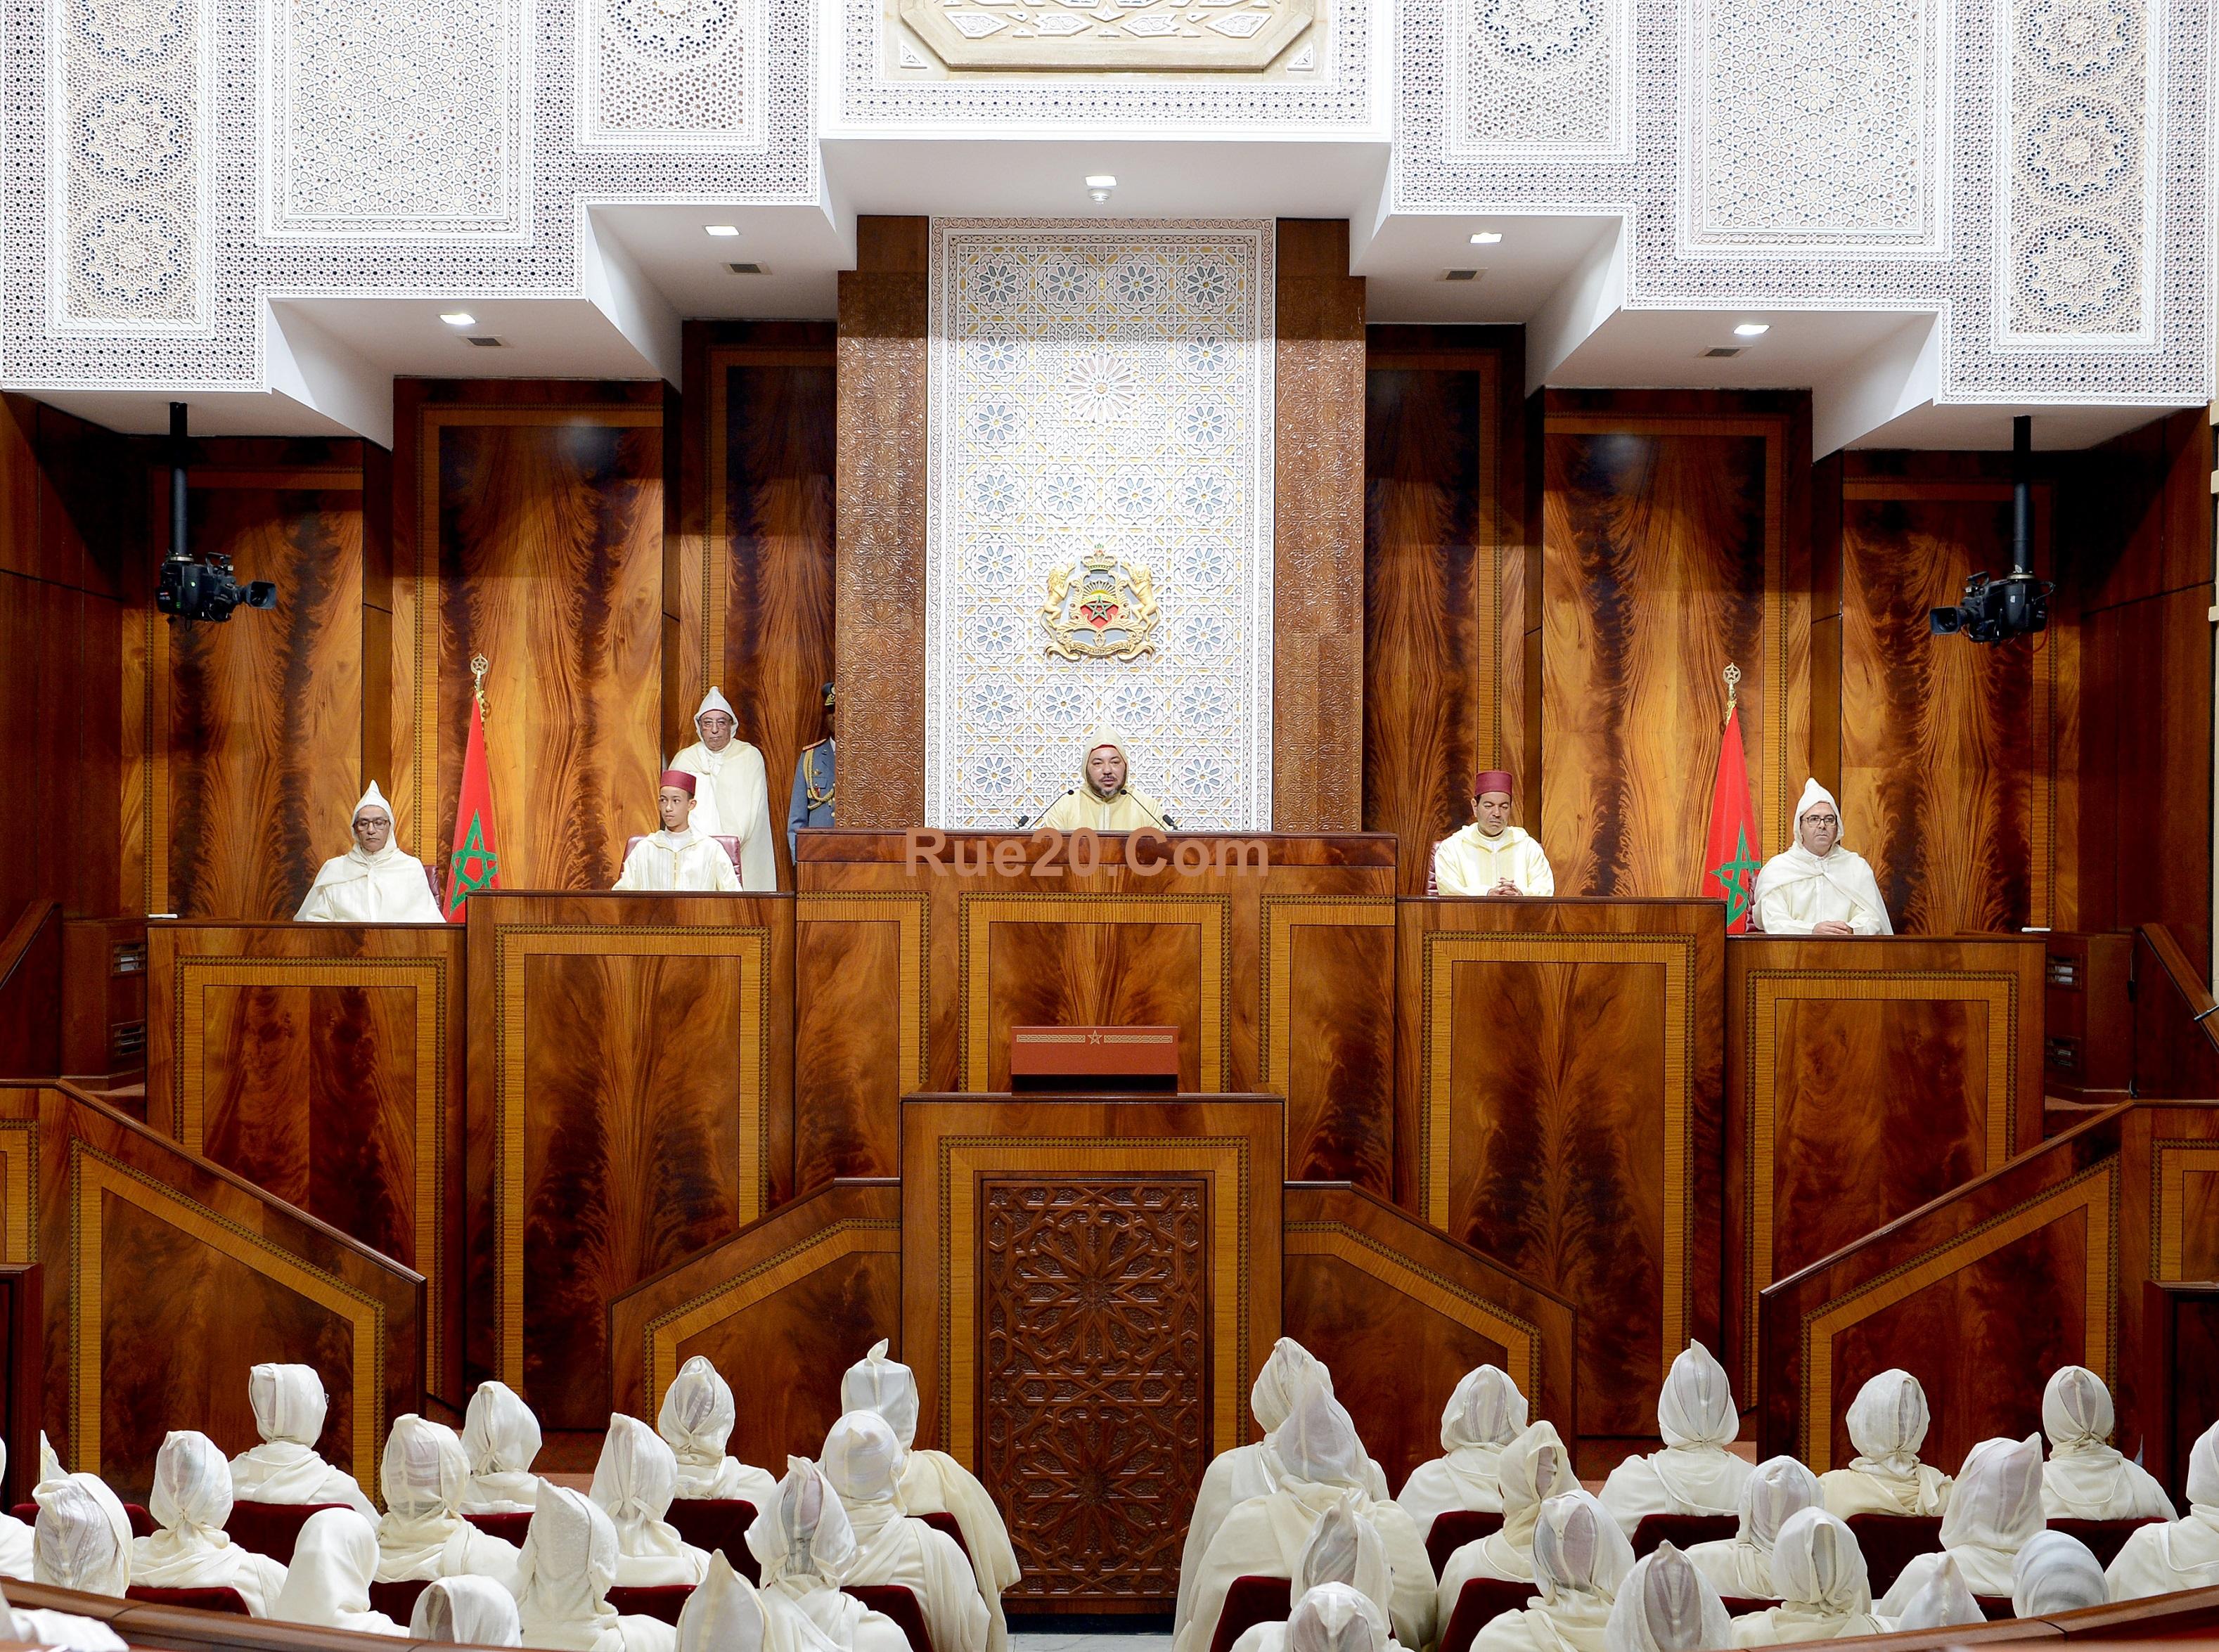 البرلمان يصادق بأغلبية مطلقة على مشروع قانون هيئة المناصفة ومكافحة التمييز